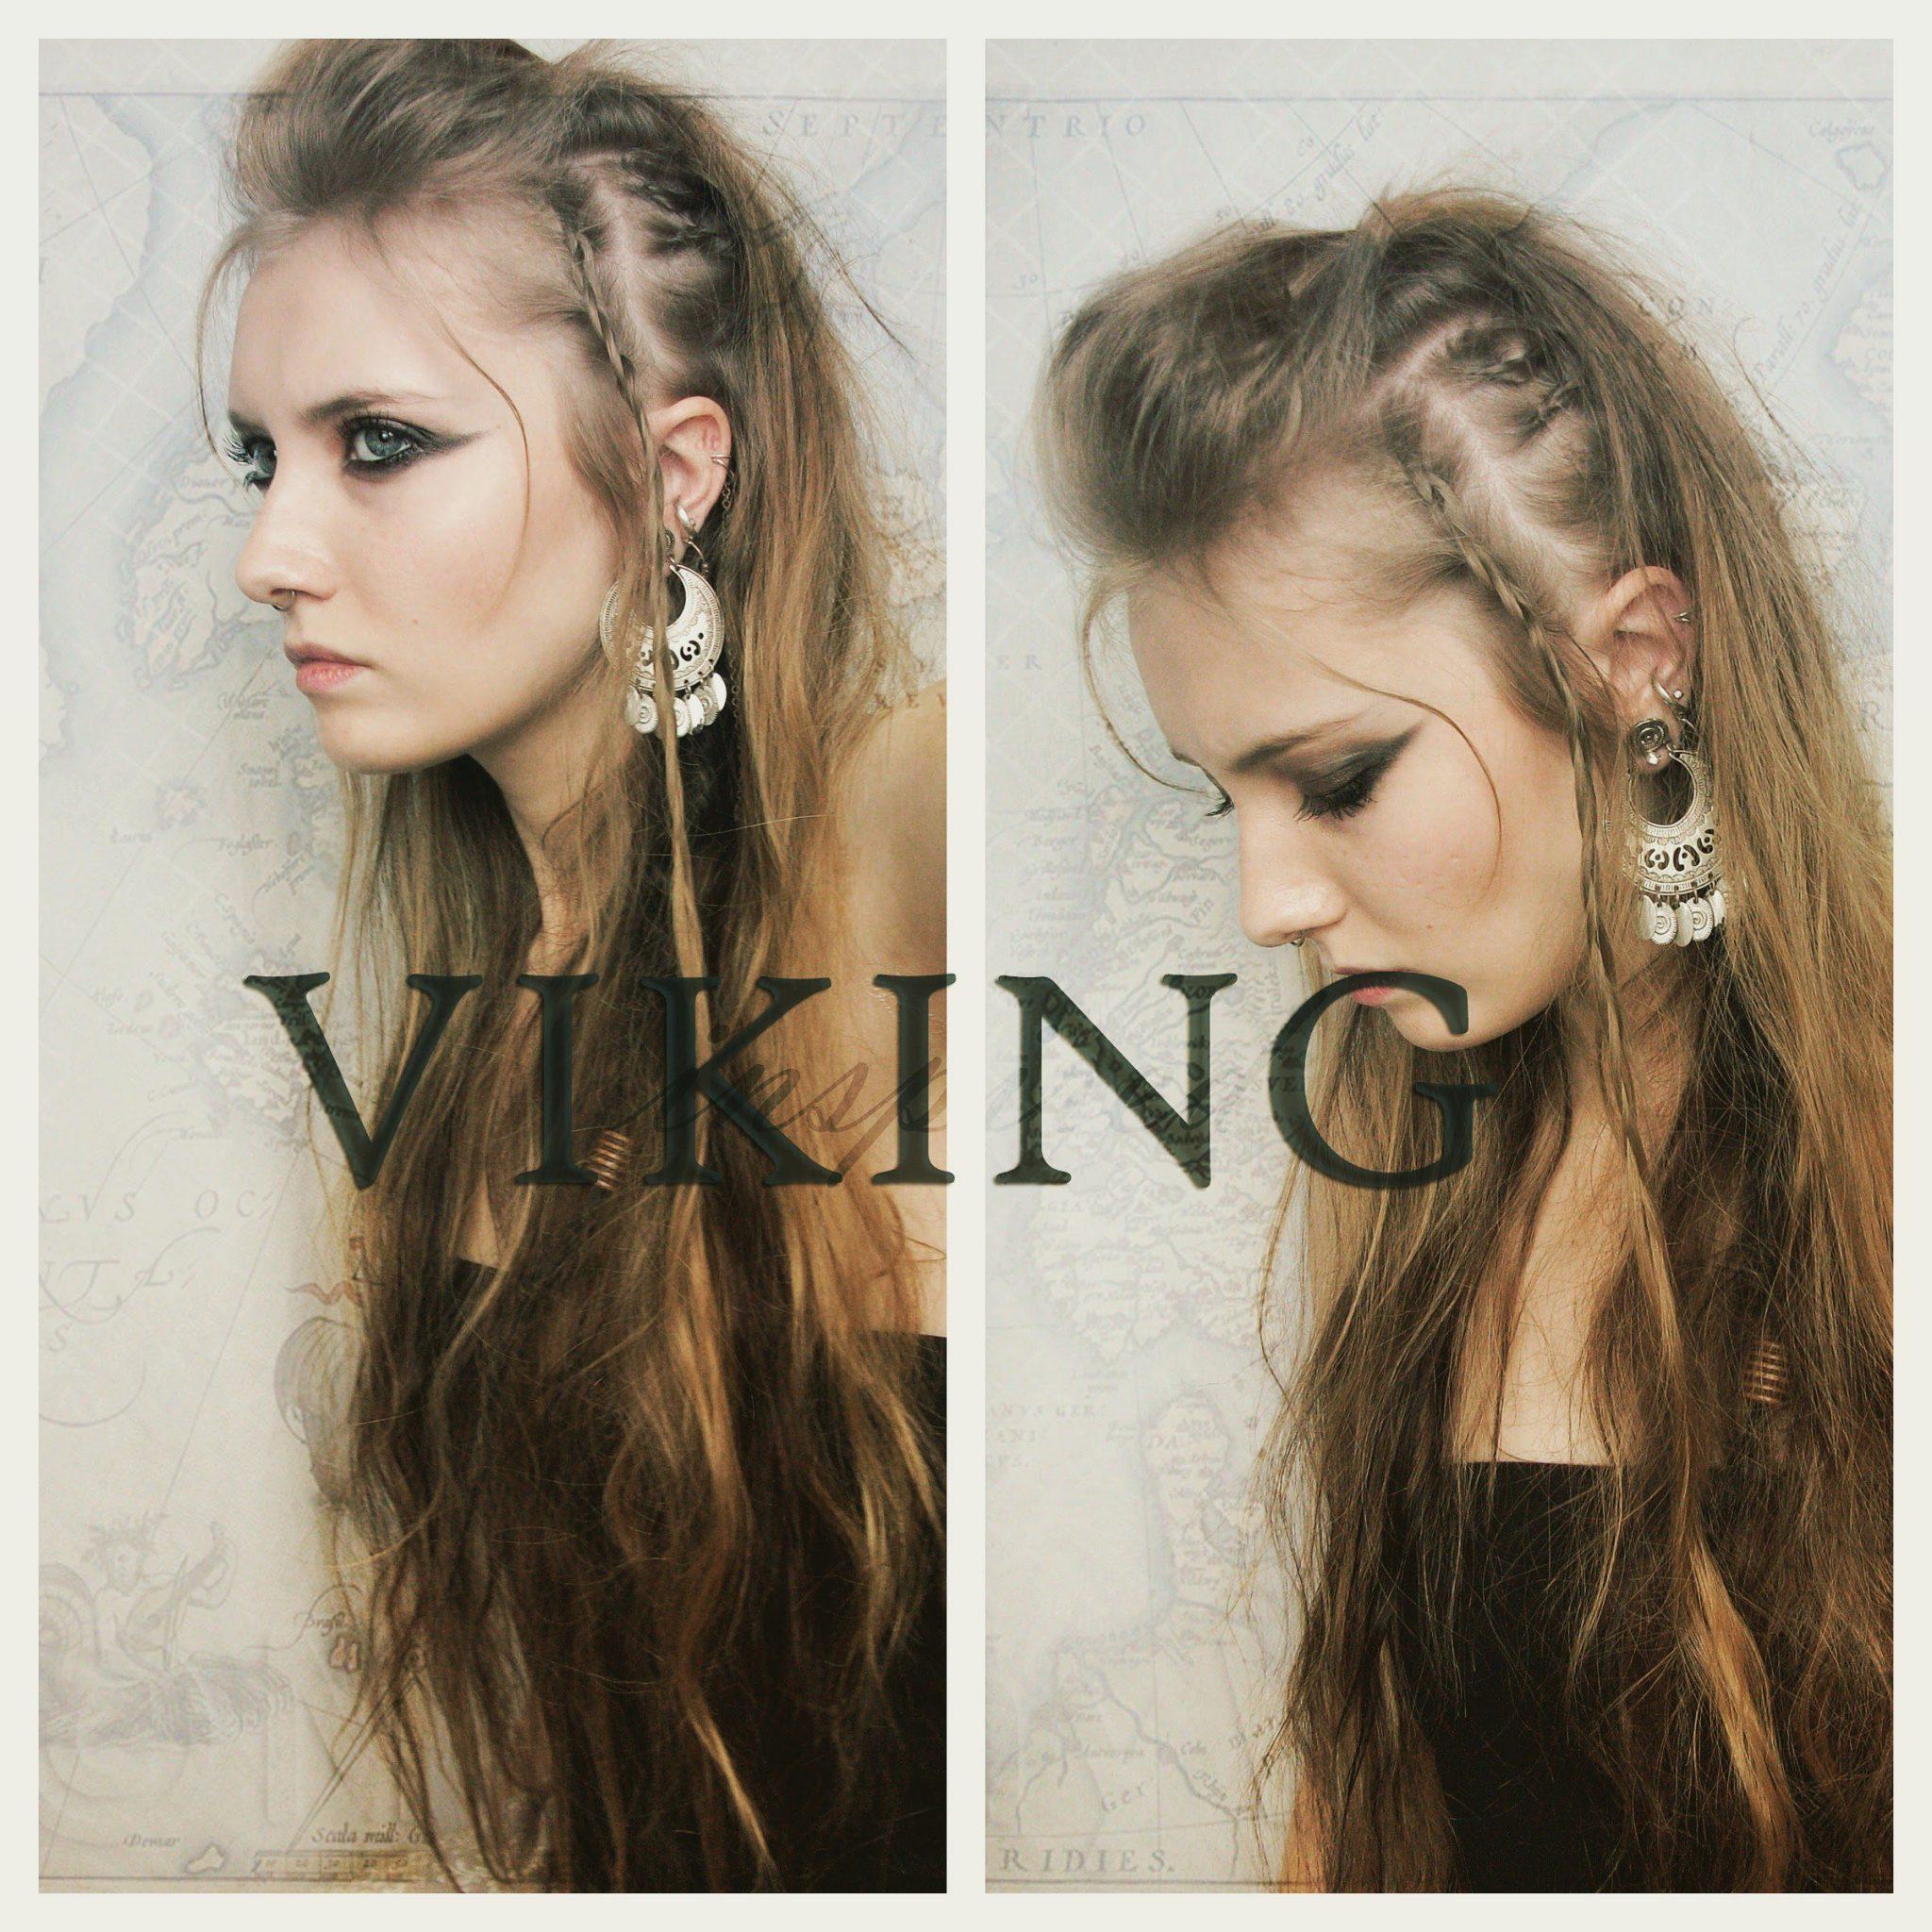 Прически из Викингов фото 1